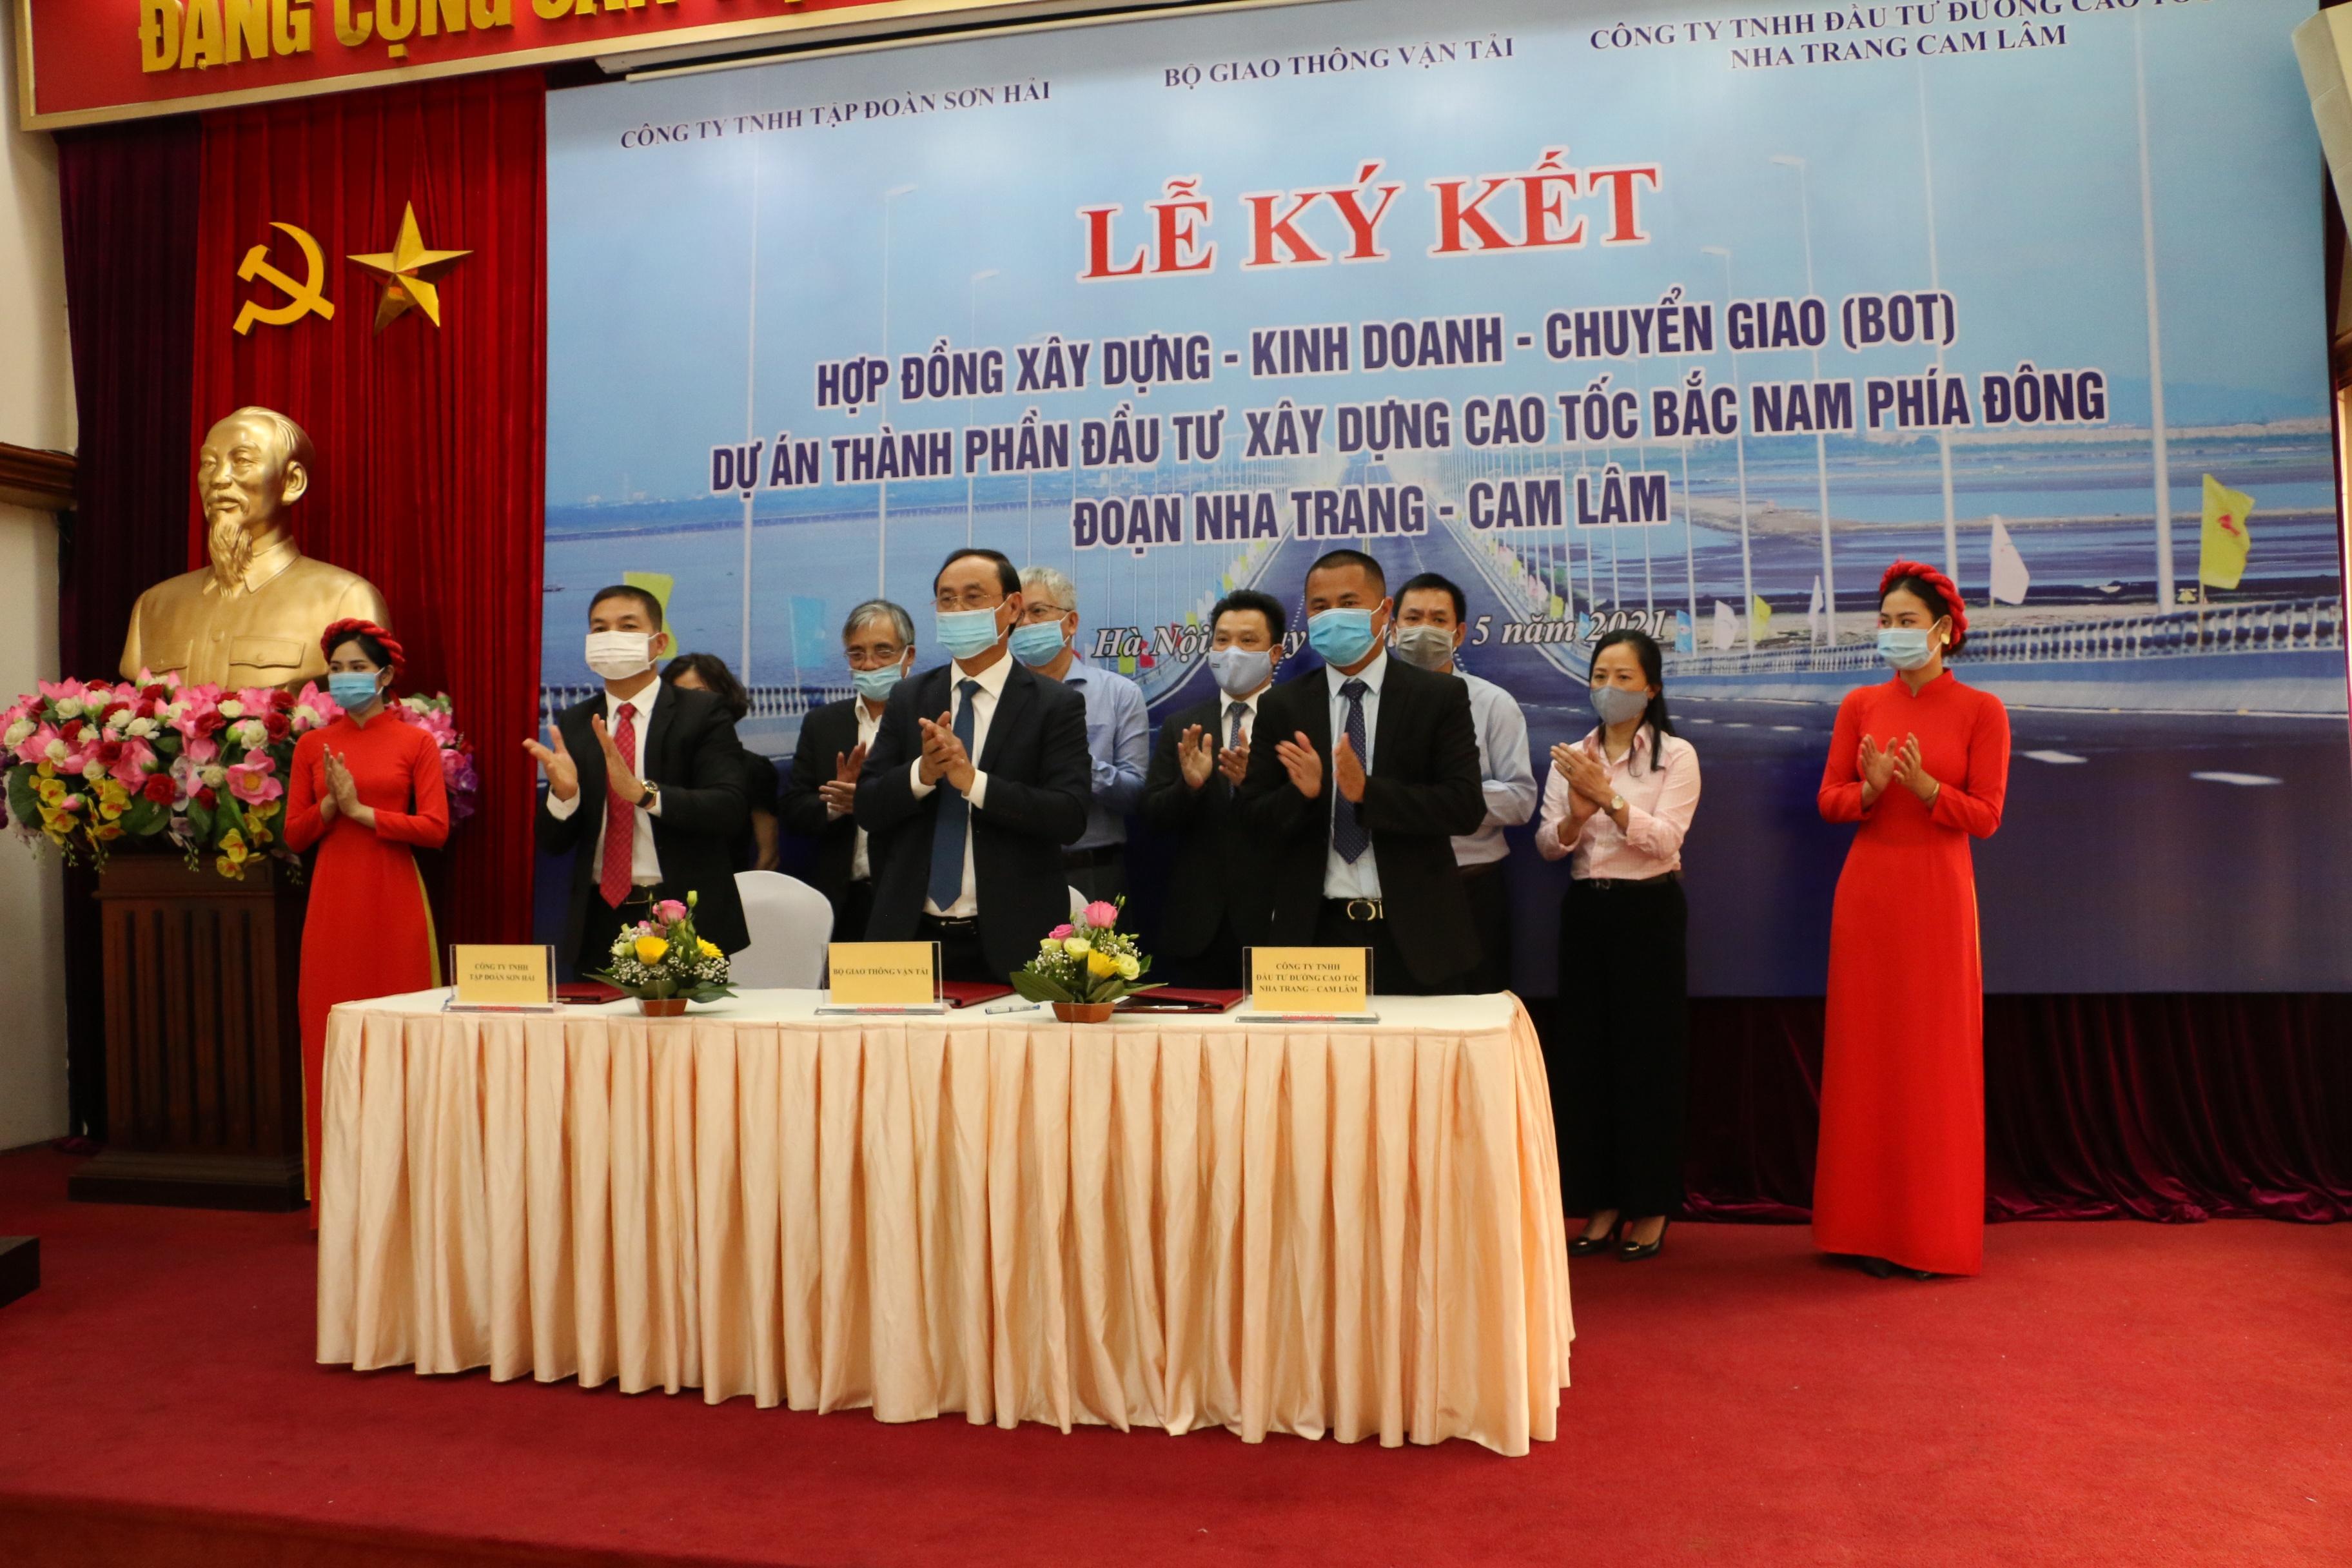 ky hop dong BOT Nha Trang - Cam Lam anh 1